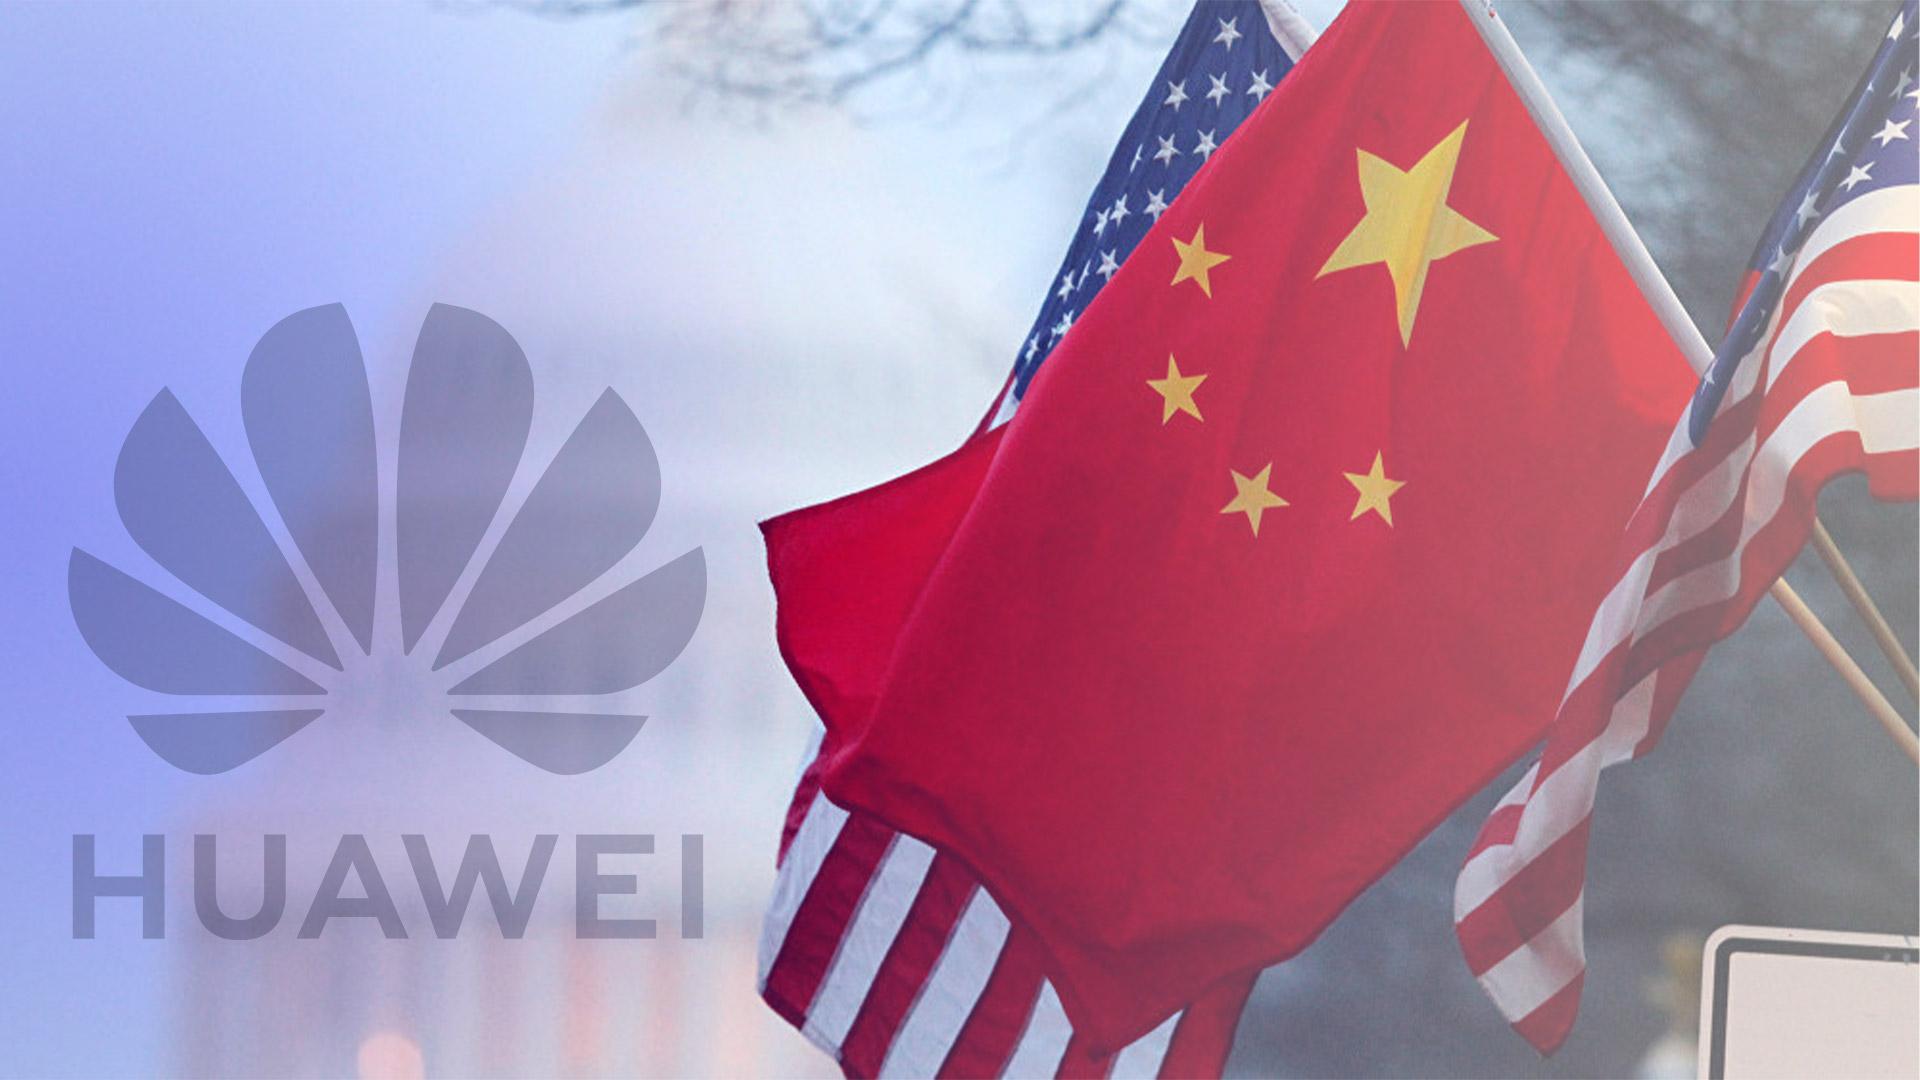 Huawei krizi ABD ile Çin'in soğuk savaşı mı?